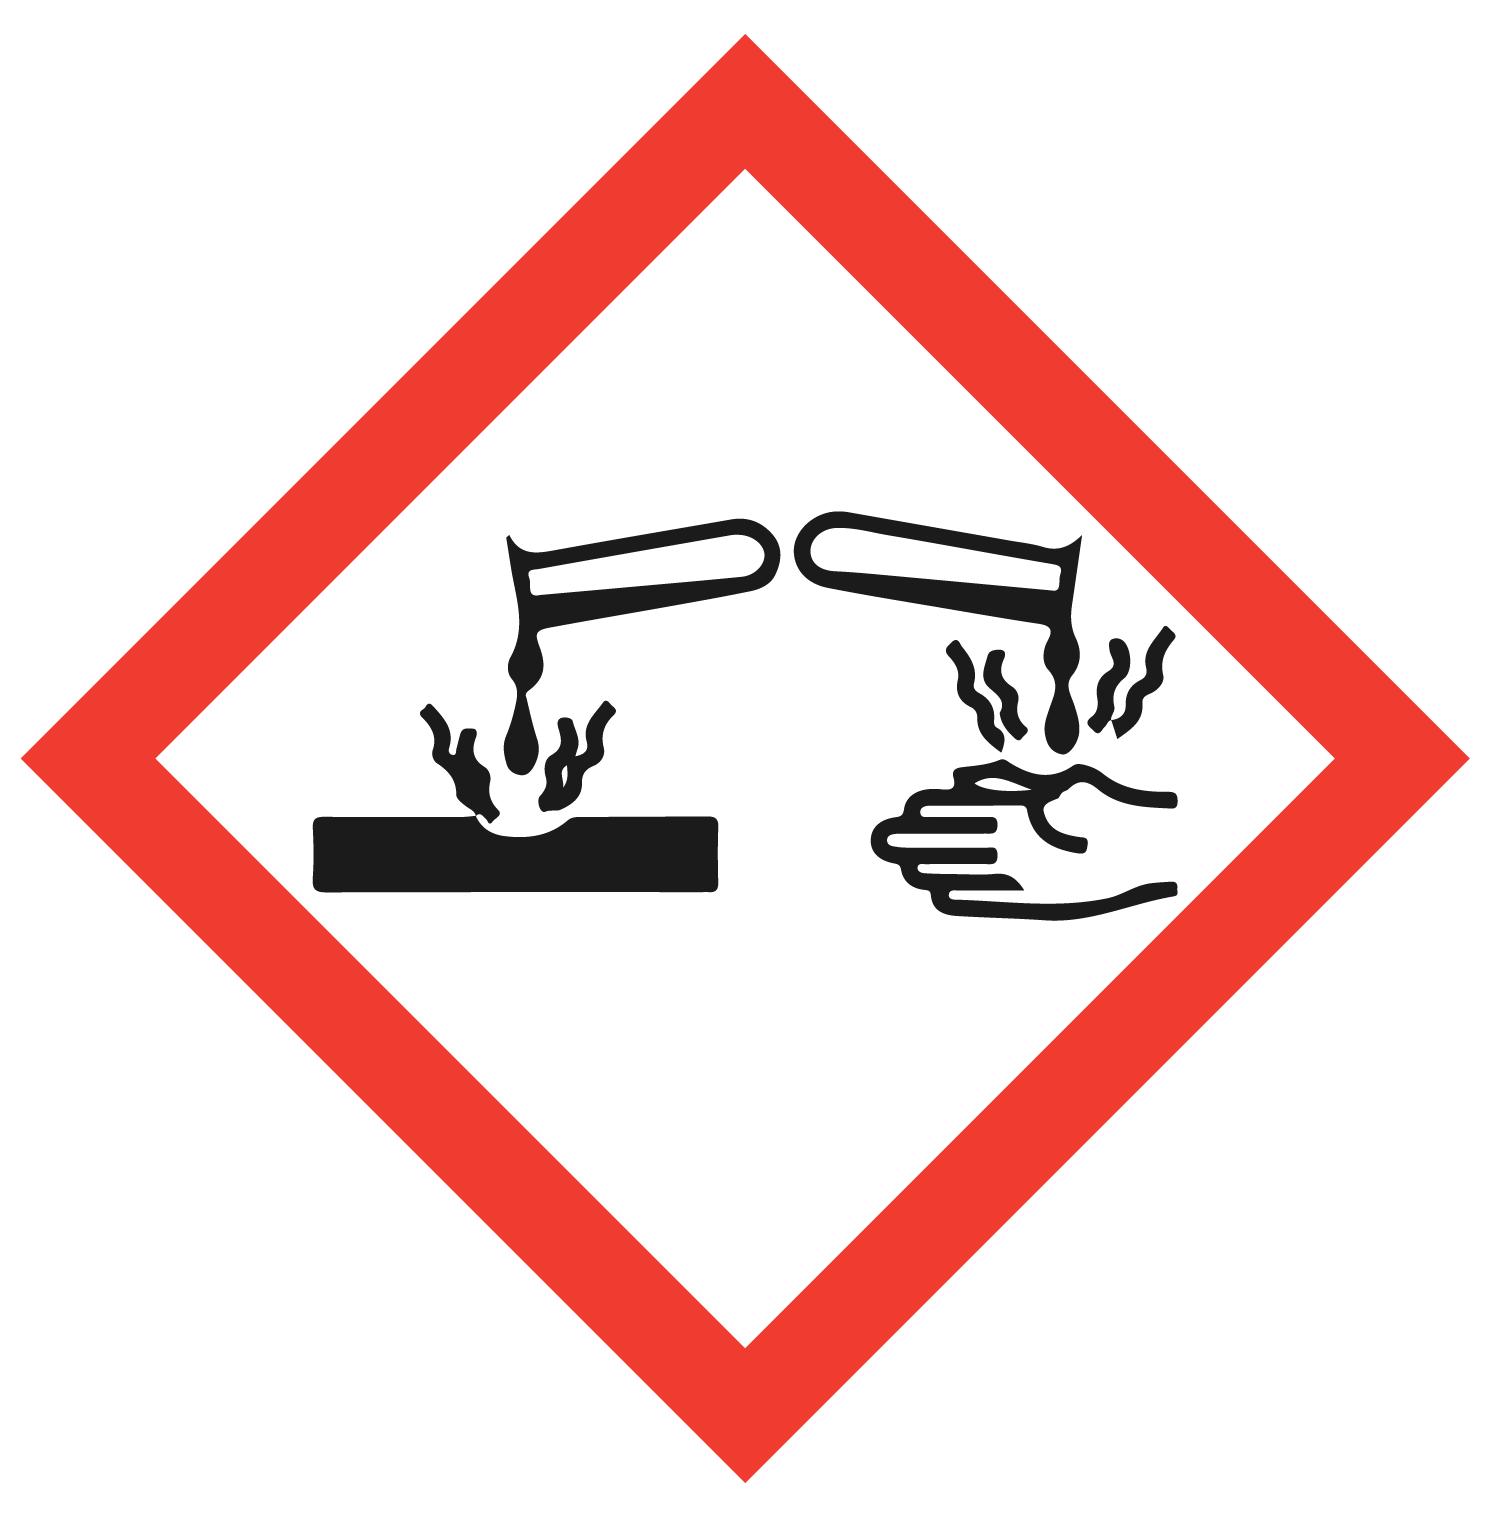 pictogramme de sécurité corrosif